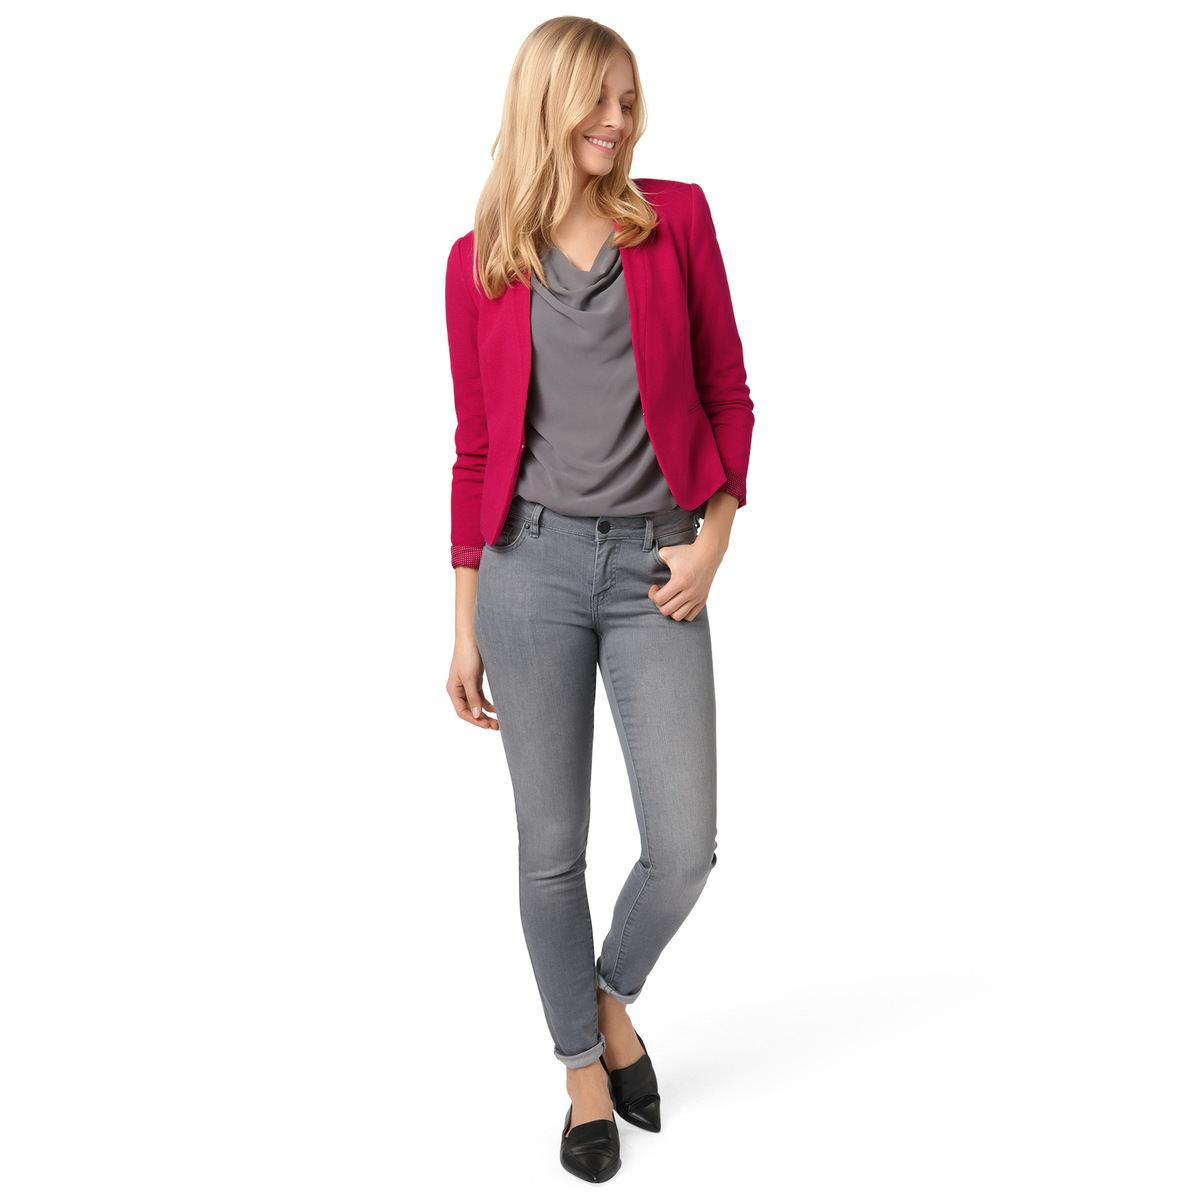 Blazer Beke in kurzer, taillierter Passform in pink